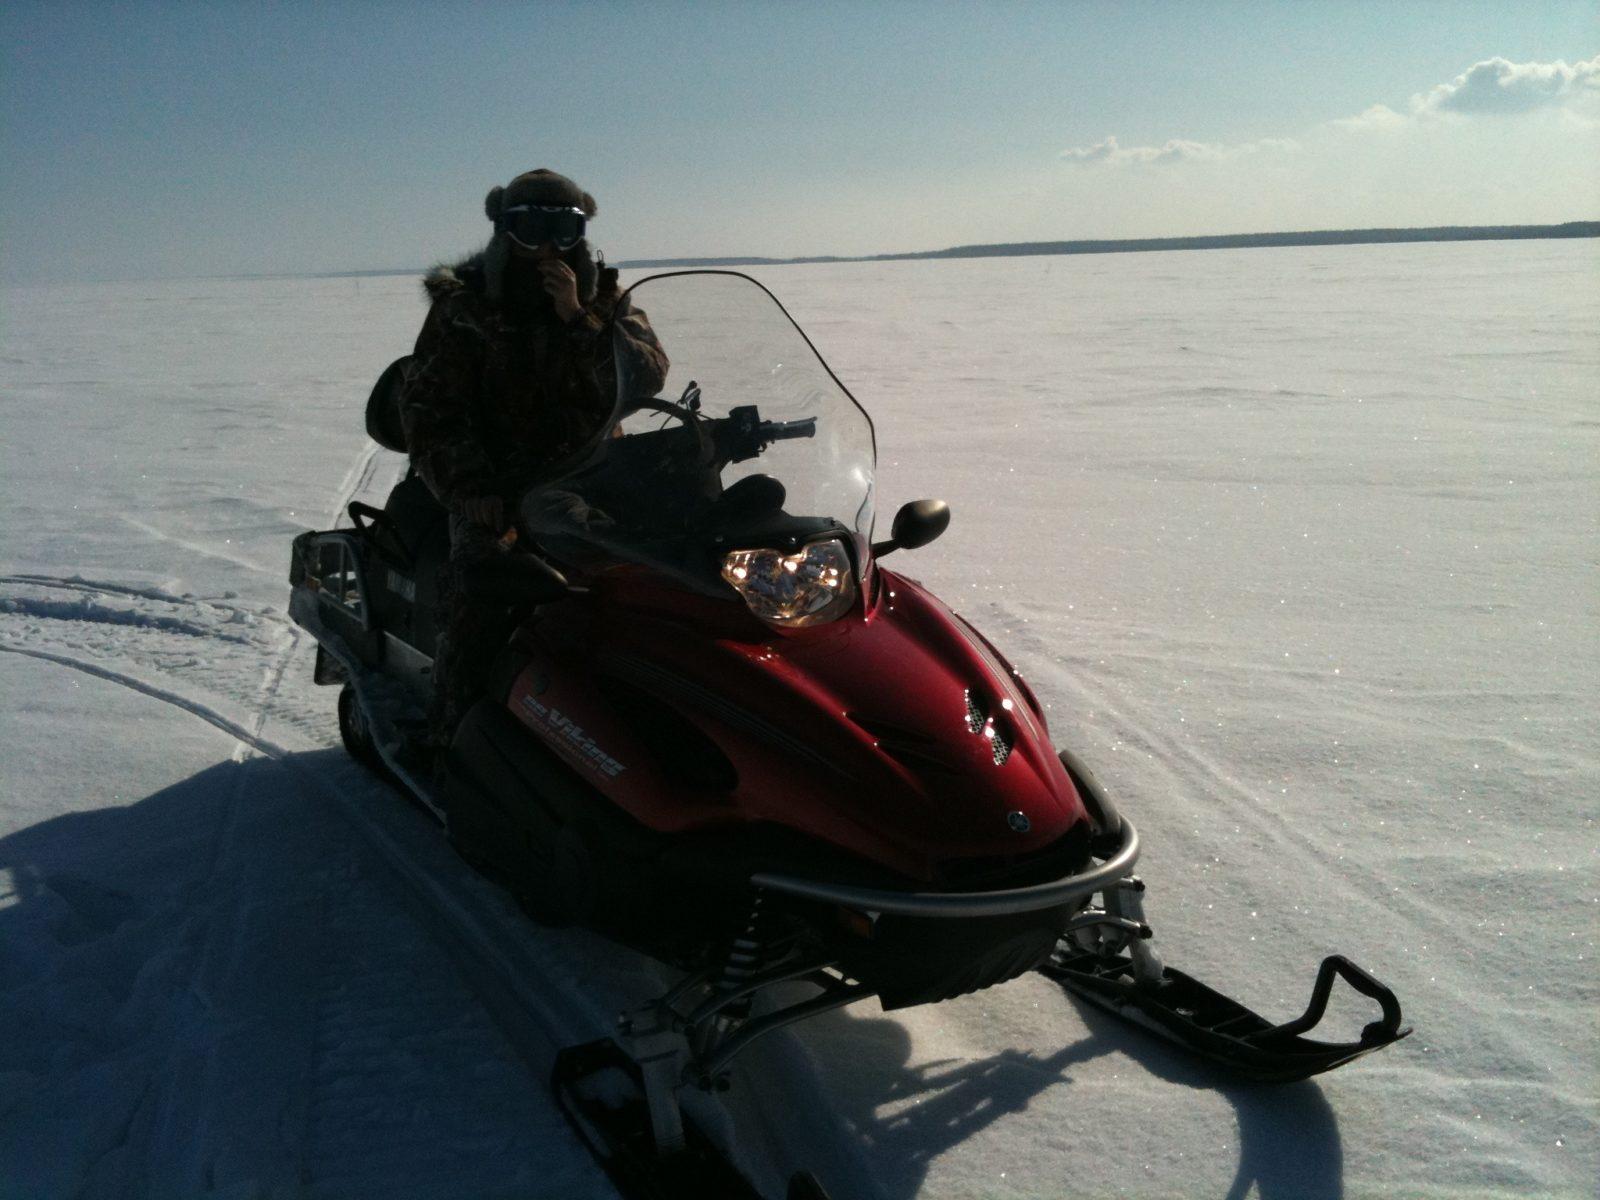 по Рыбинке на снегоходах зимняя рыбалка и отдых рыболовная база Черкасово рыбинское водохранилище 2 - катаемся по Рыбинке на снегоходах